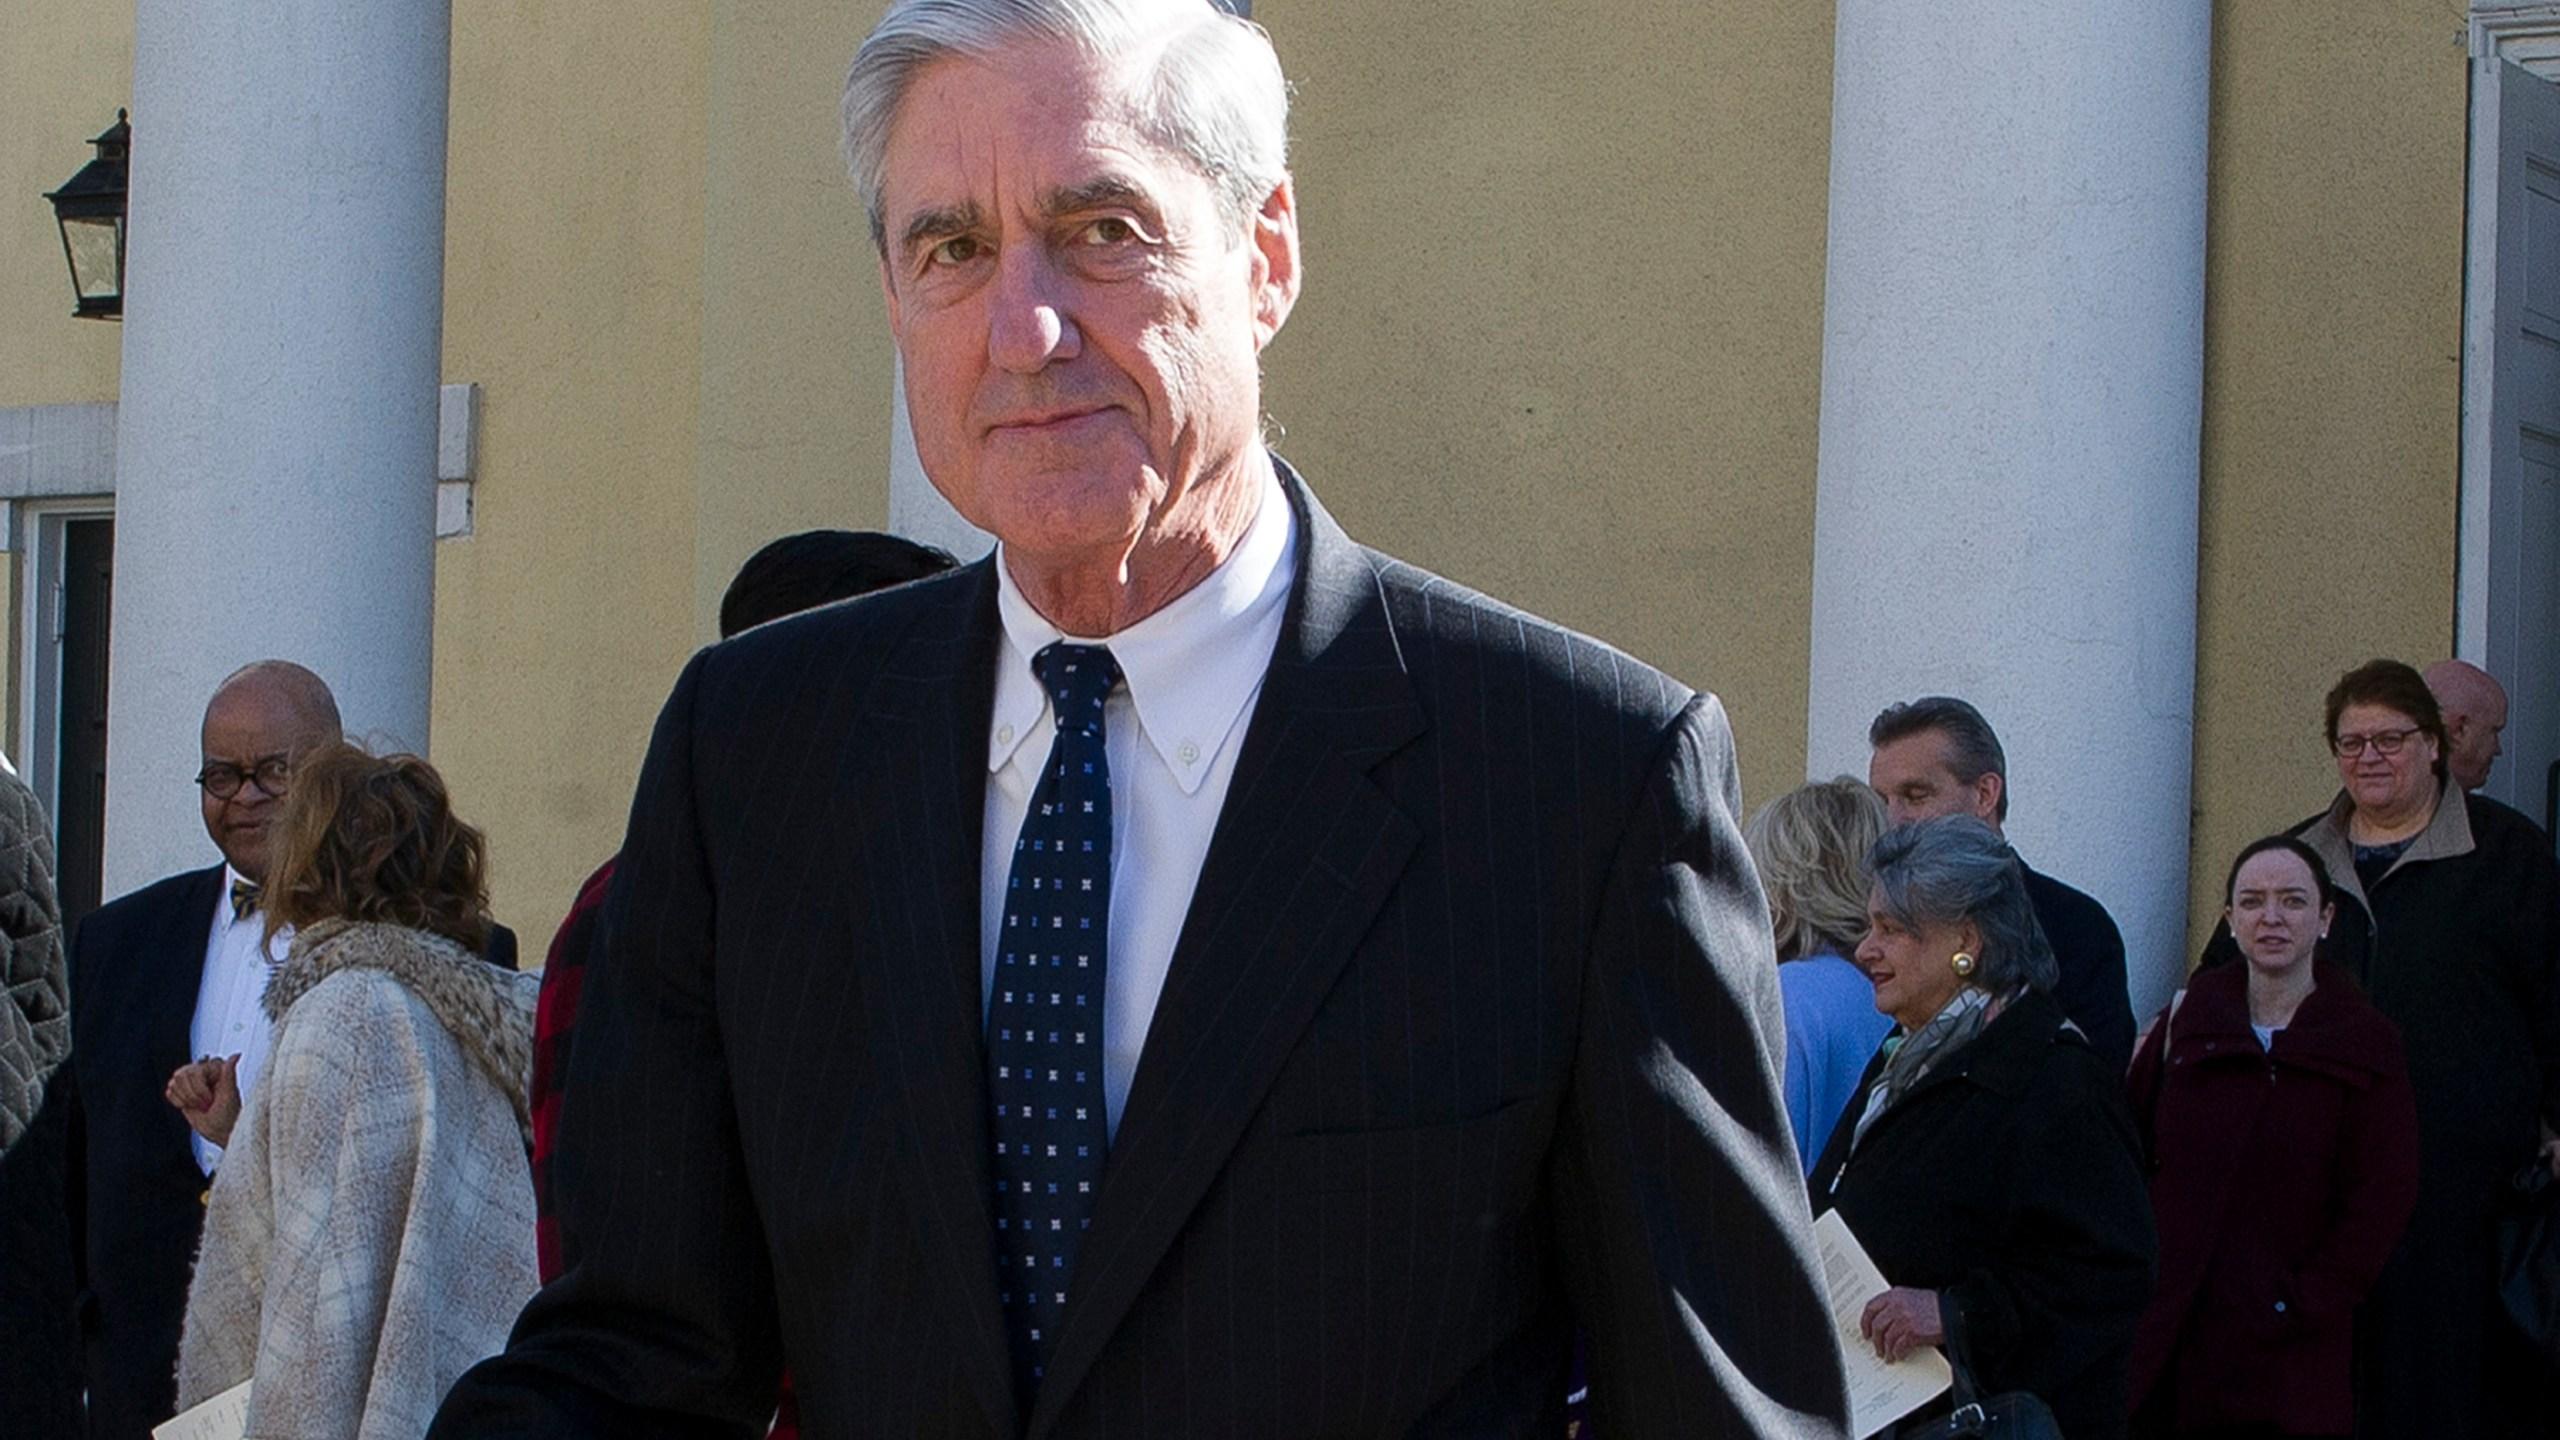 Mueller_The_Evidence_28016-159532.jpg63846629